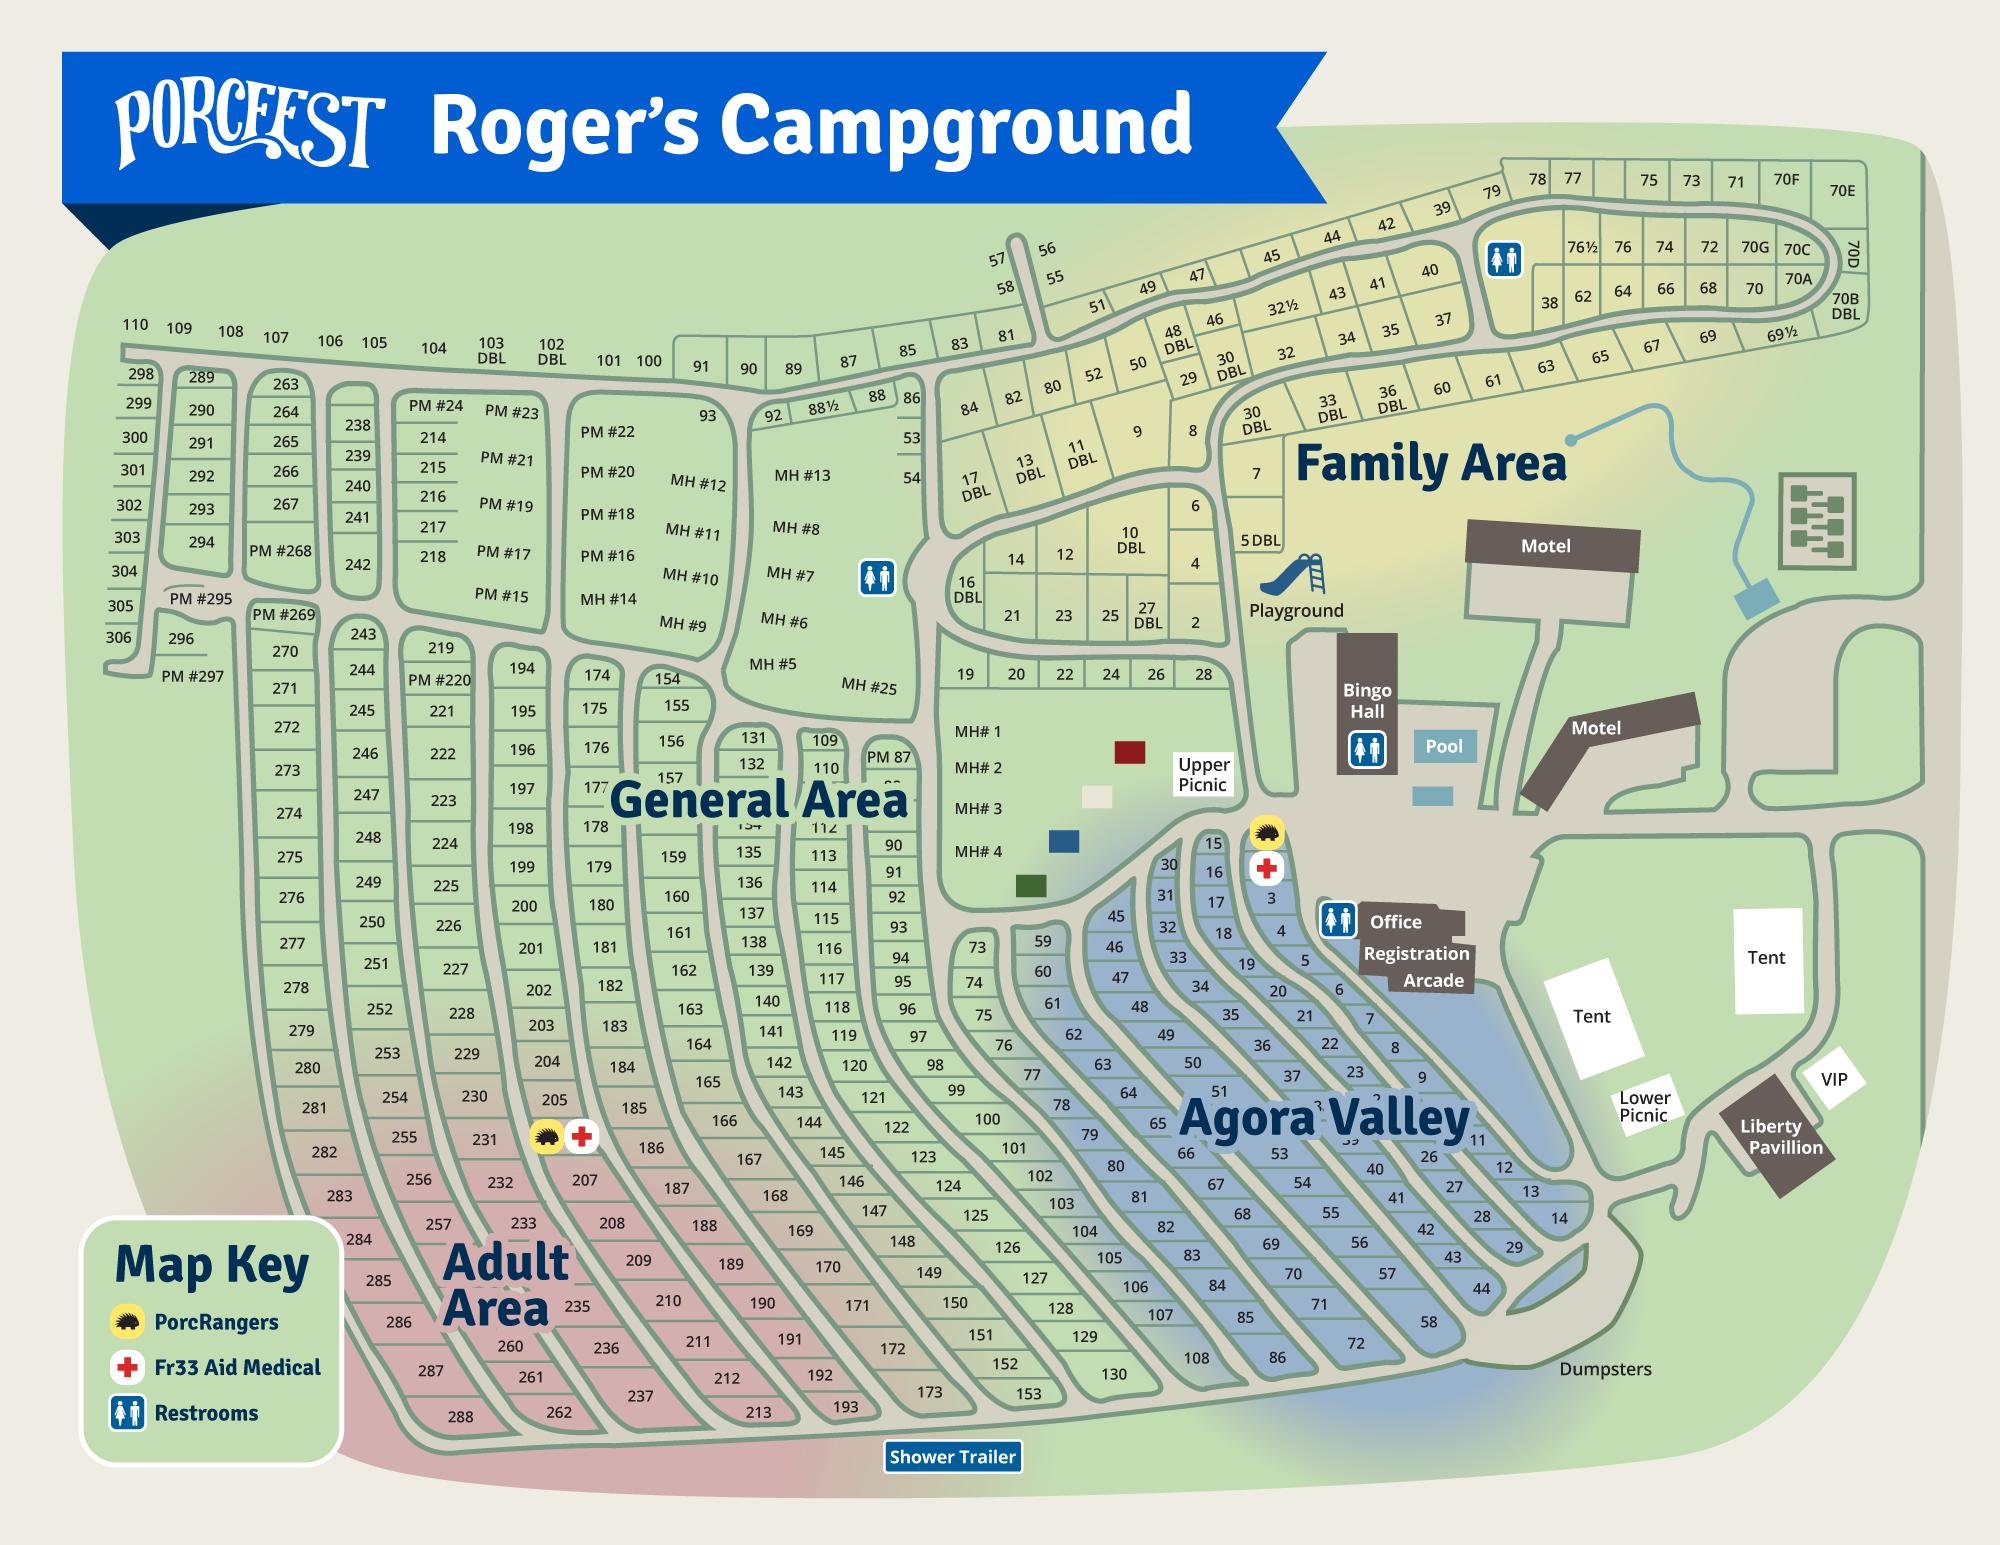 PorcFest map